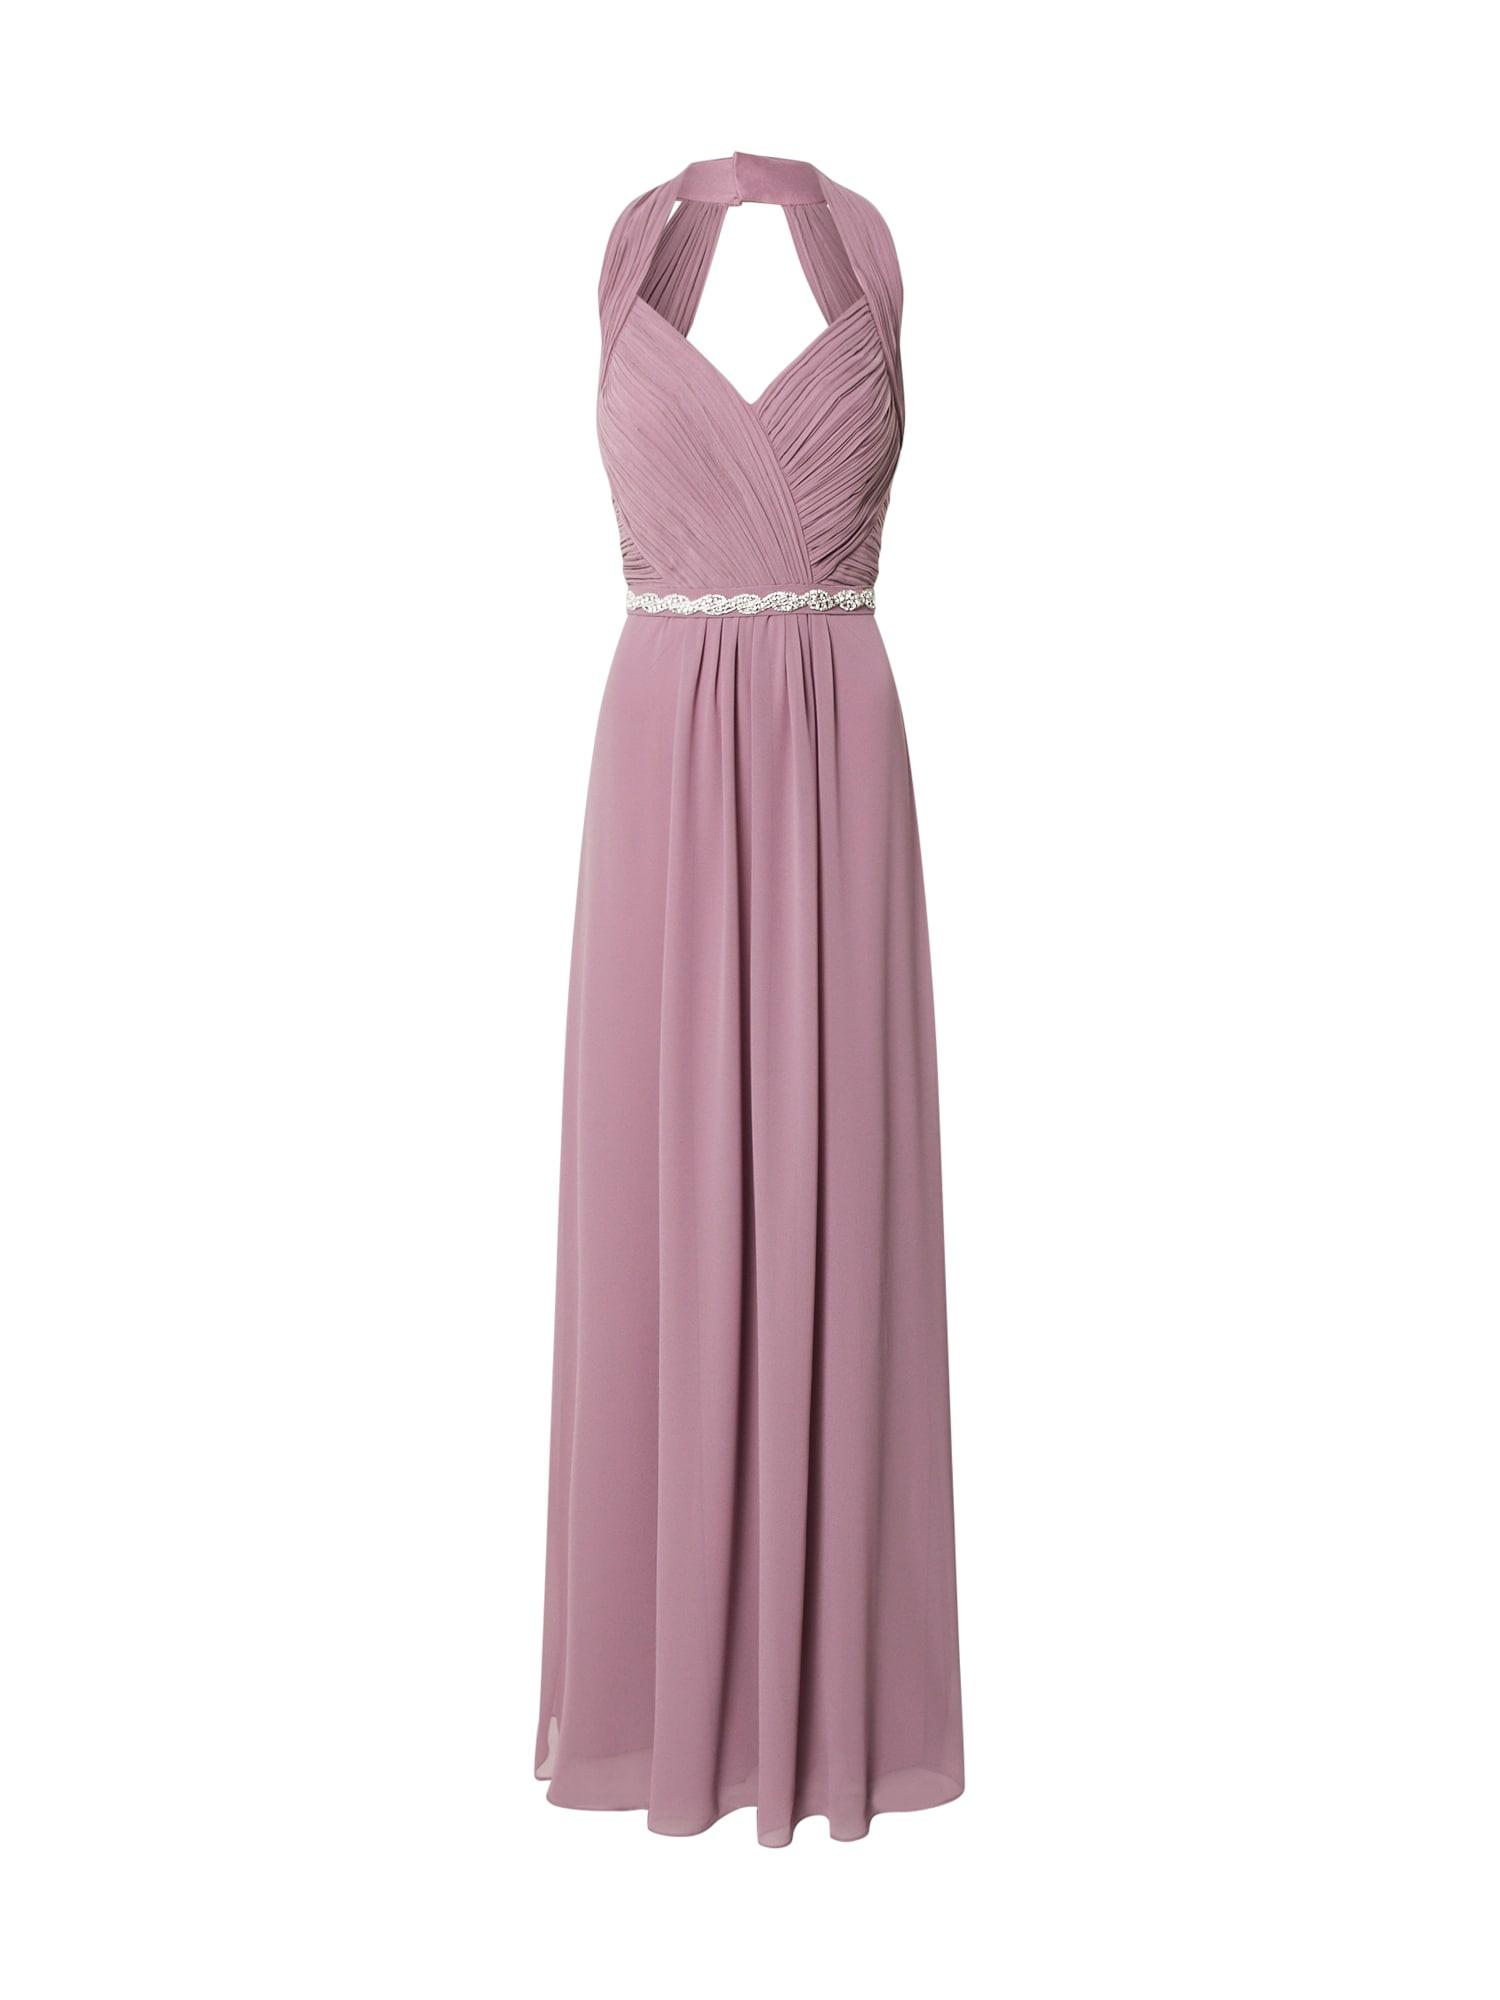 STAR NIGHT Vakarinė suknelė rausvai violetinė spalva